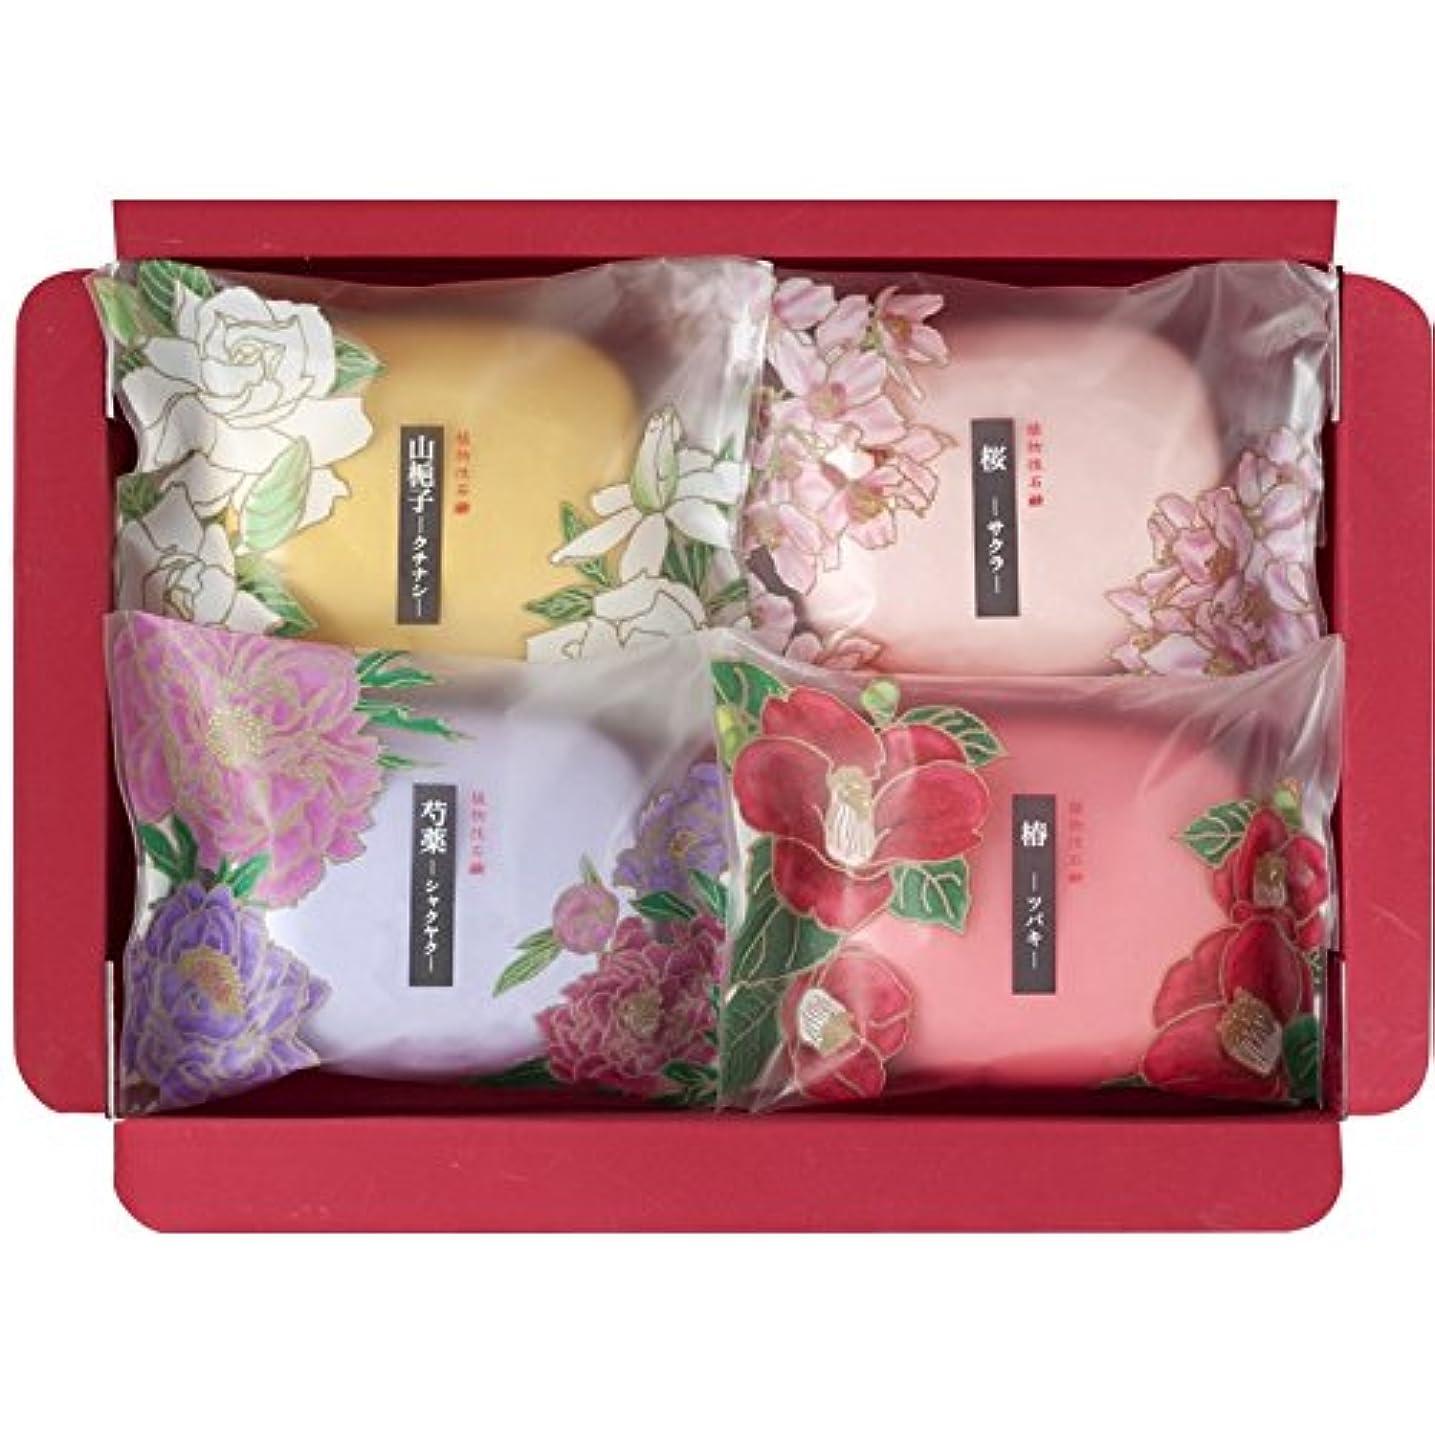 外交官外部人口彩花だより SAK-05 【石けん 石鹸 うるおい いい香り 固形 詰め合わせ セット 良い香り 美容 個包装 肌に優しい 日本製】